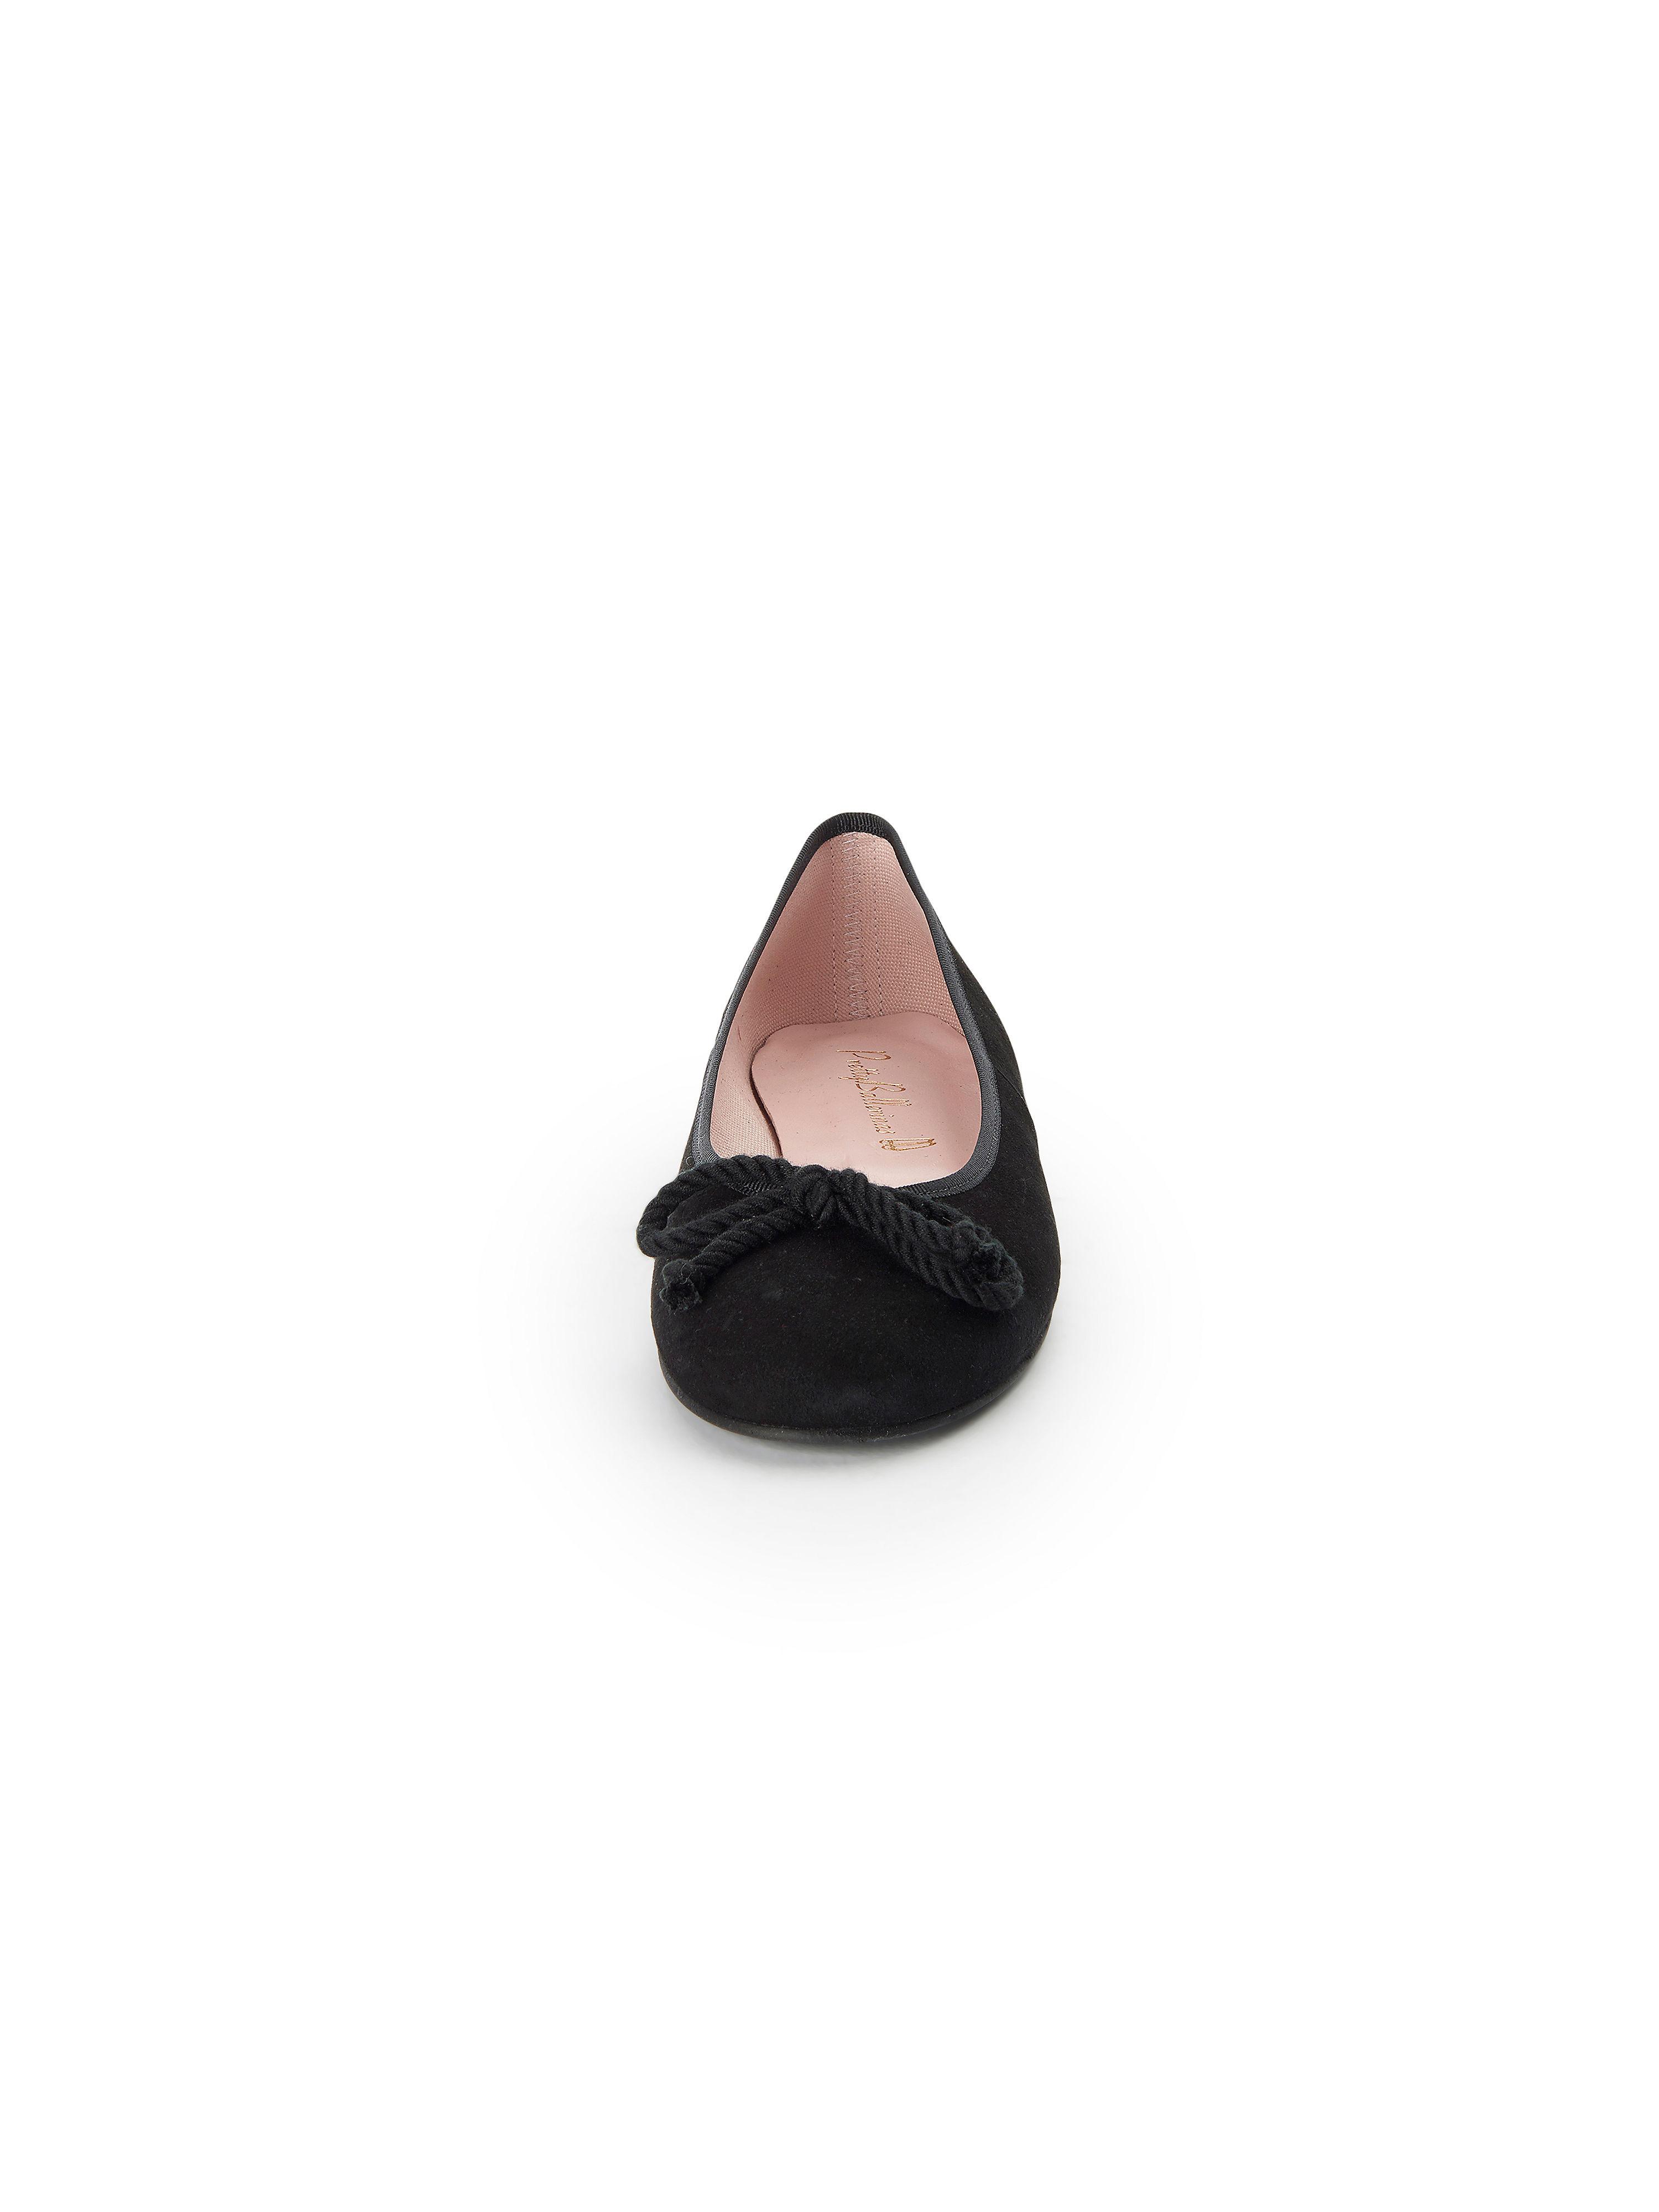 Ballerina aus 100% Leder Pretty Ballerinas schwarz | Schuhe > Ballerinas > Klassische Ballerinas | Pretty Ballerinas